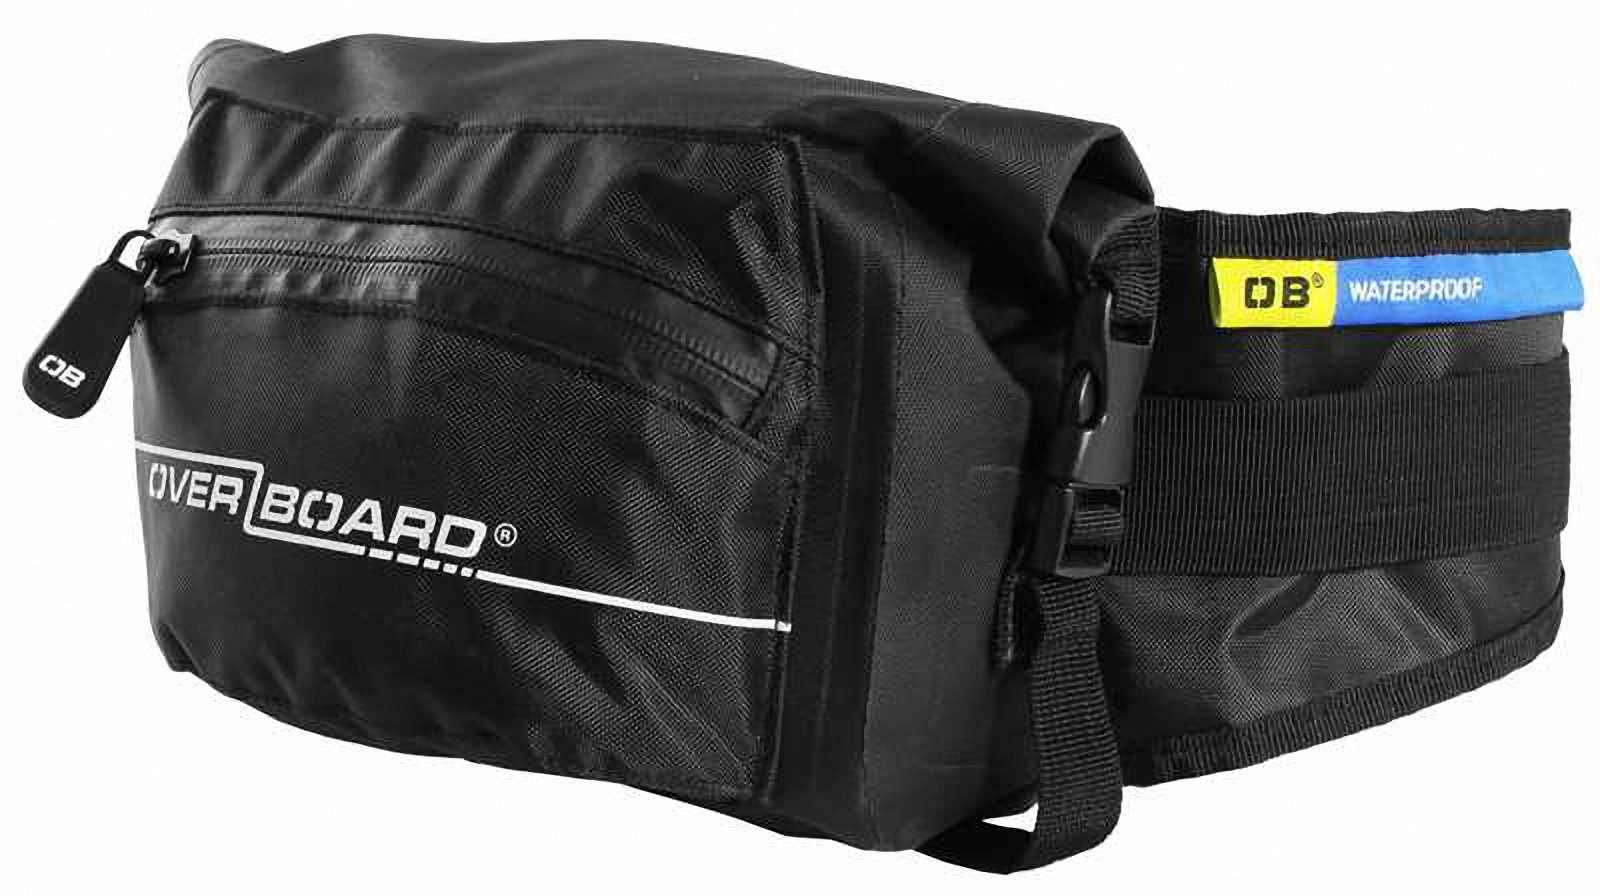 Сумка OverboardСумки<br>Тип изделия: сумка,<br>Объем: 3,<br>Форм-фактор: сумка,<br>Спортивная сумка: есть,<br>Размеры: 130х190х75,<br>Длина (мм): 190,<br>Ширина: 75,<br>Высота: 130,<br>Материал: TPU,<br>Водонепроницаемость: есть<br>